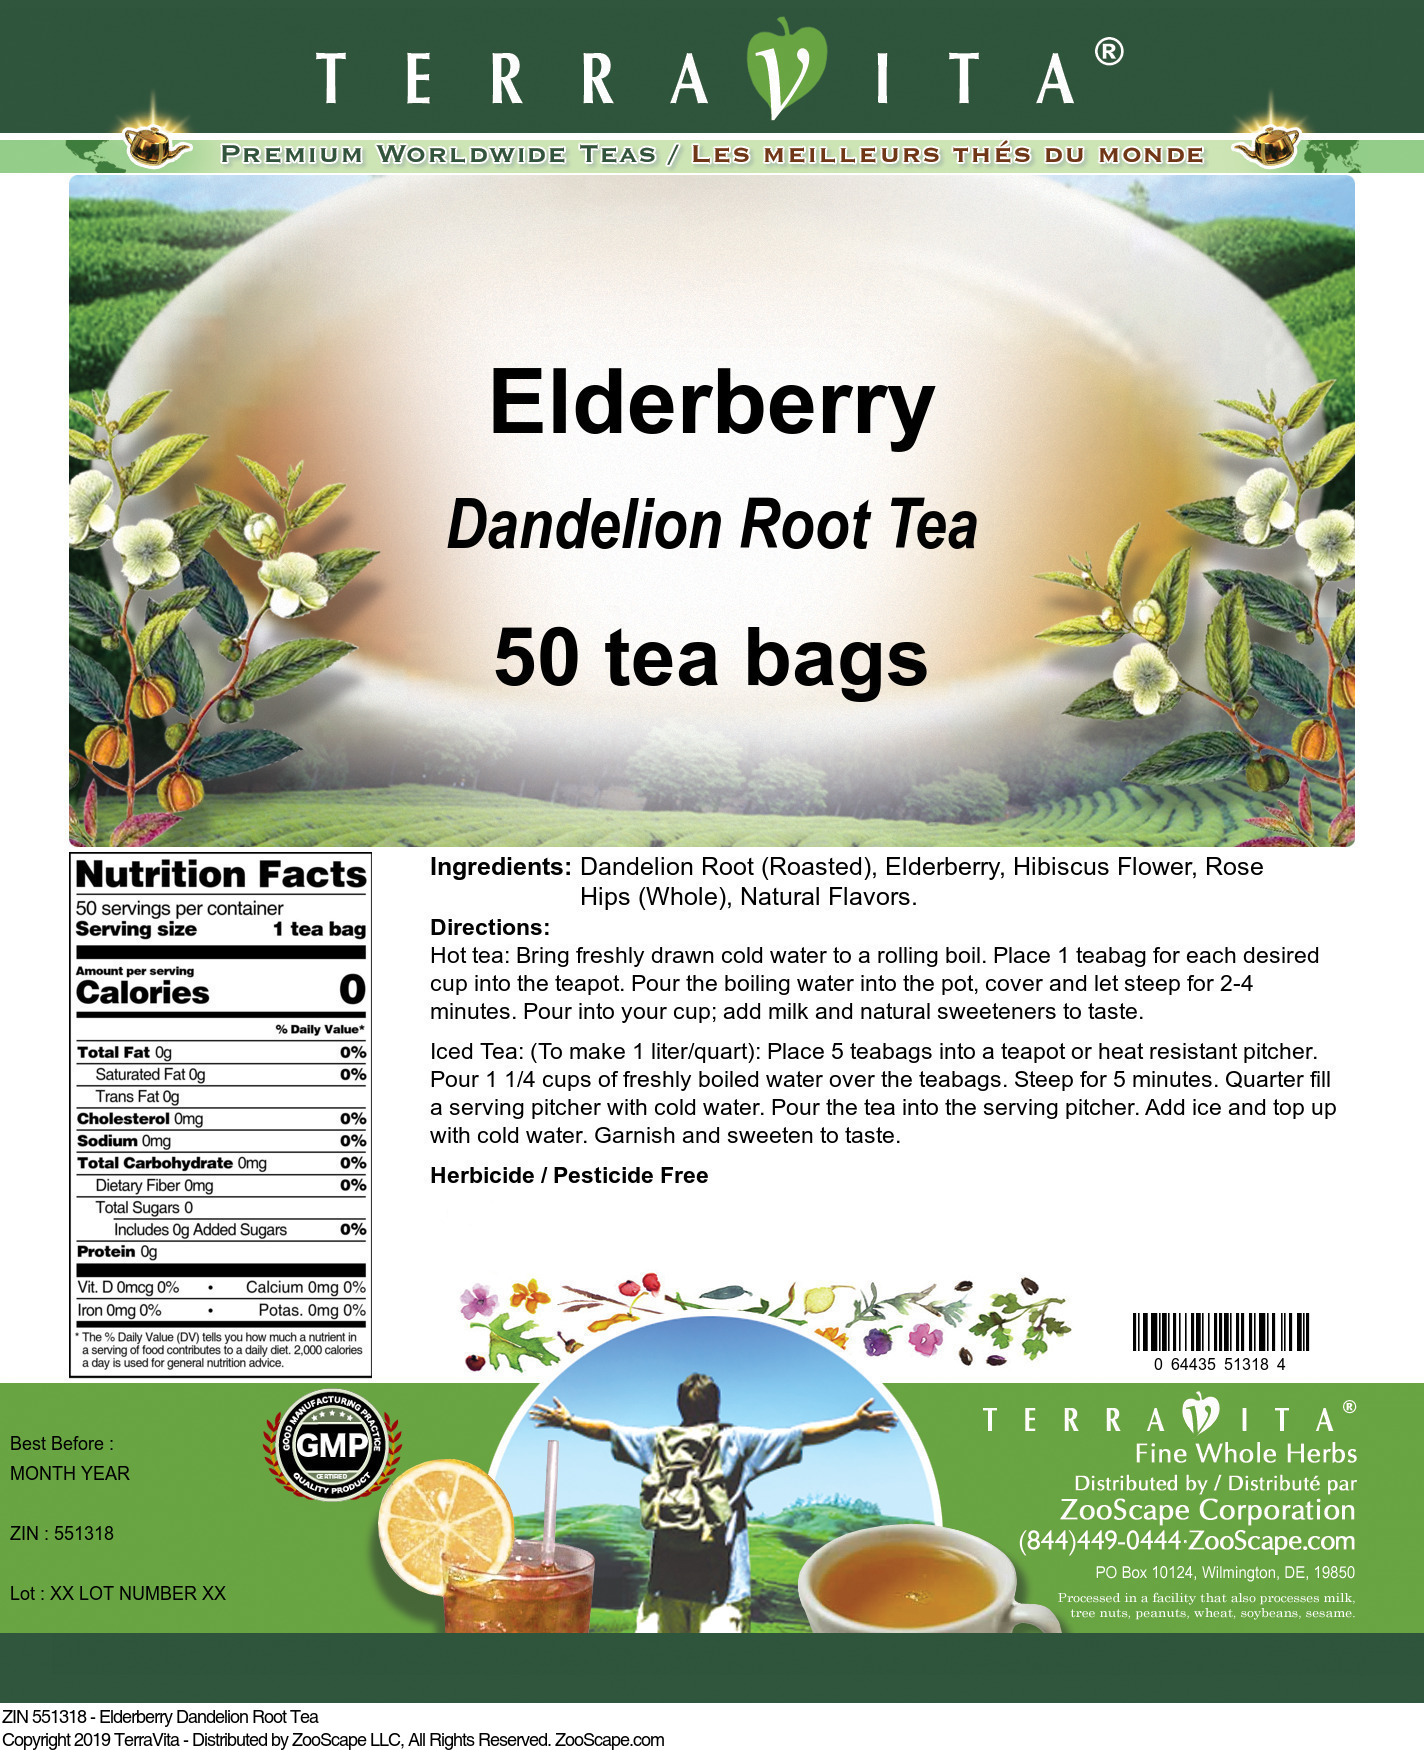 Elderberry Dandelion Root Tea